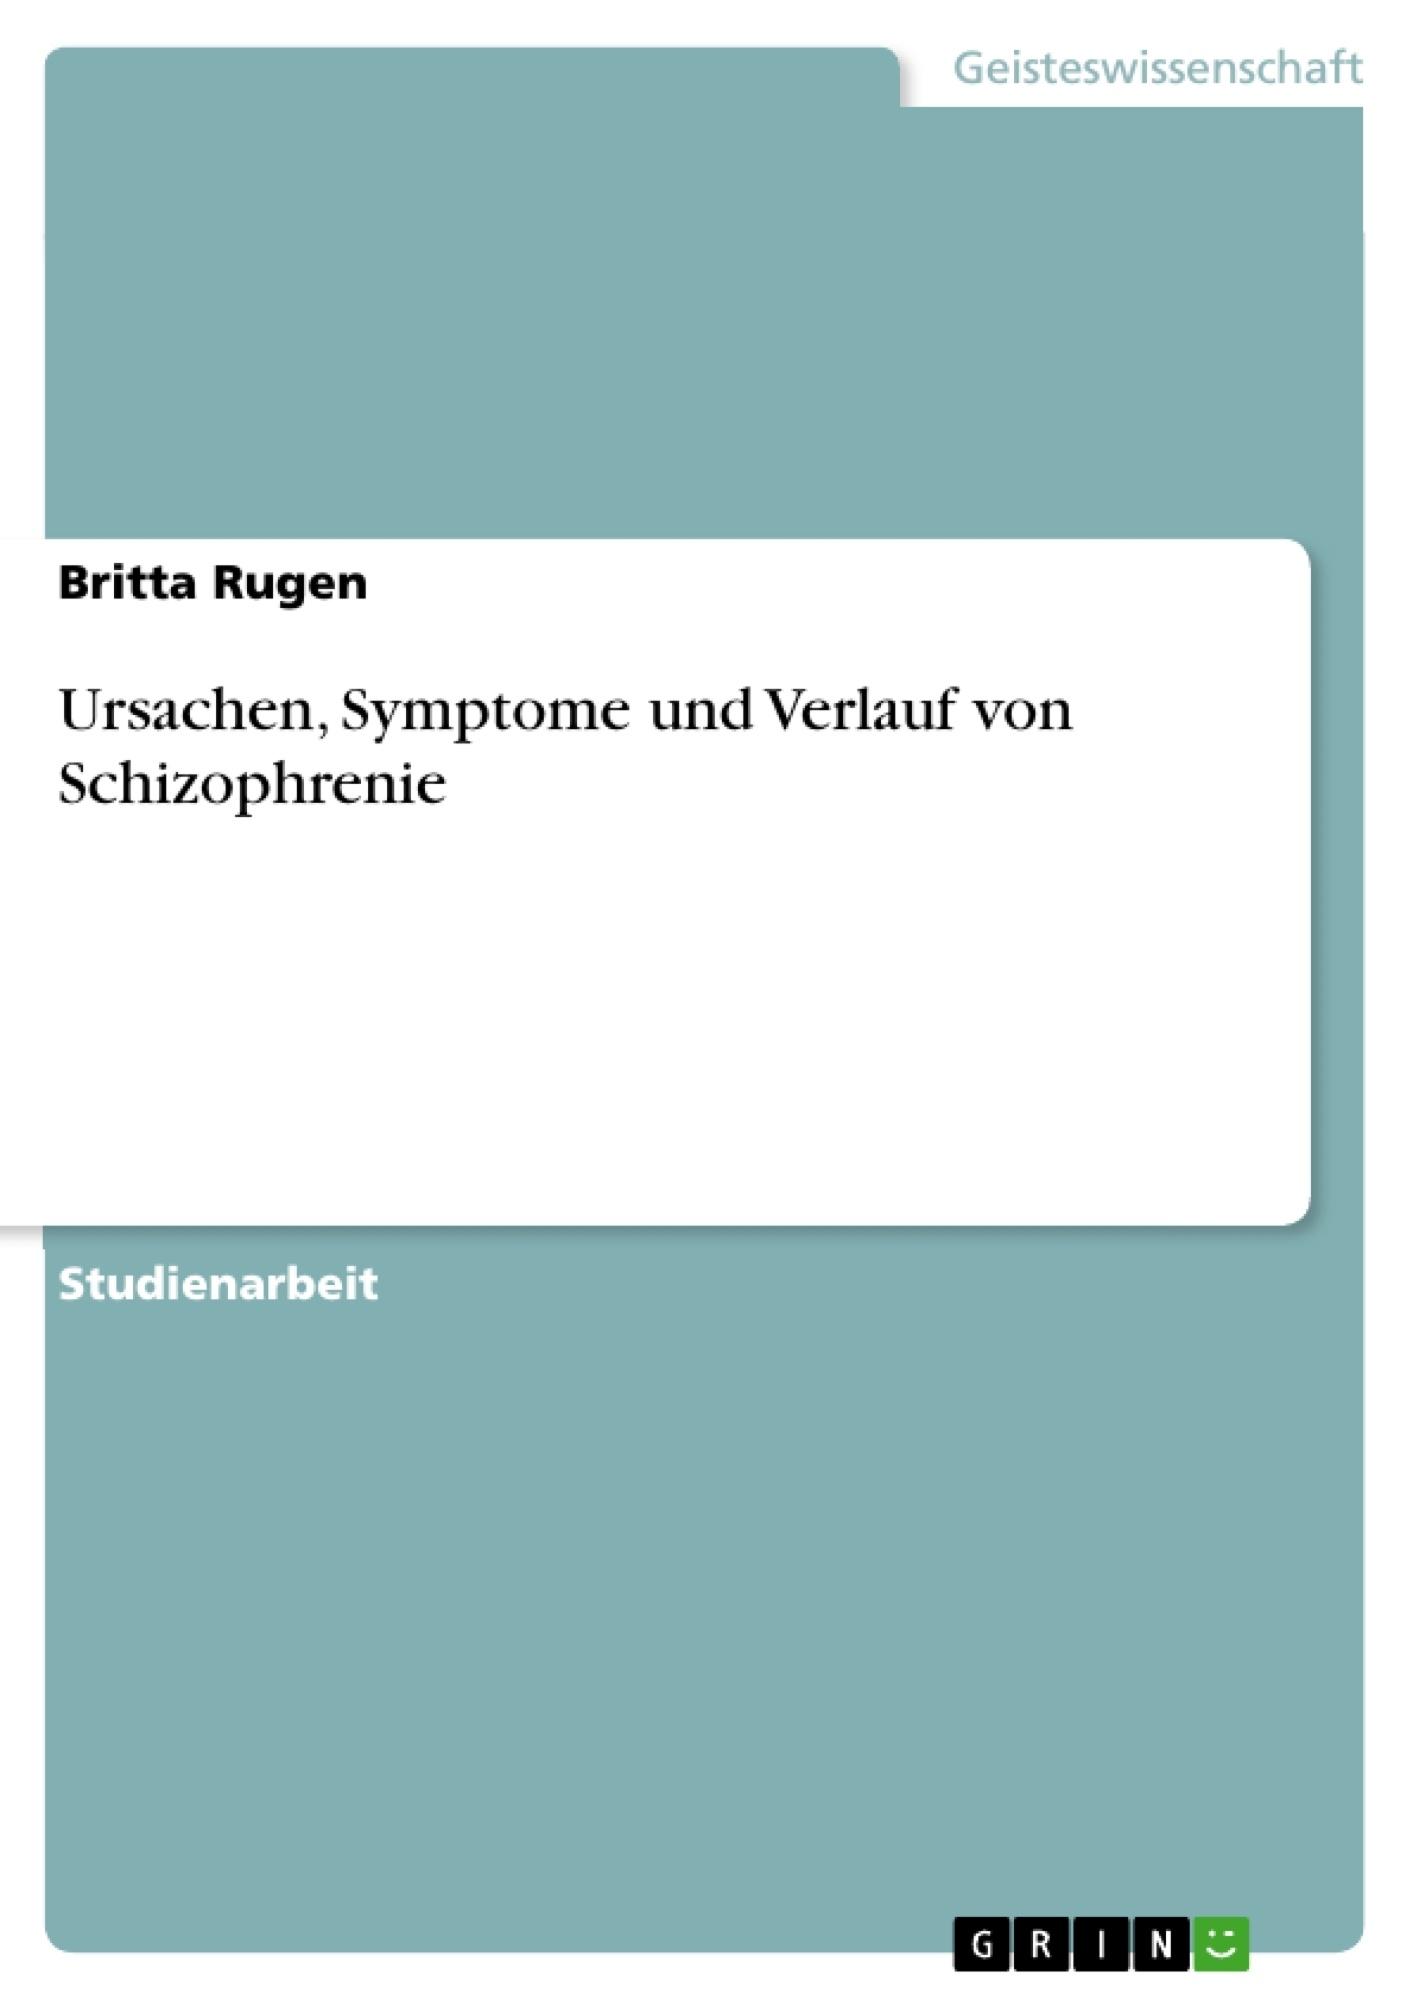 Titel: Ursachen, Symptome und Verlauf von Schizophrenie